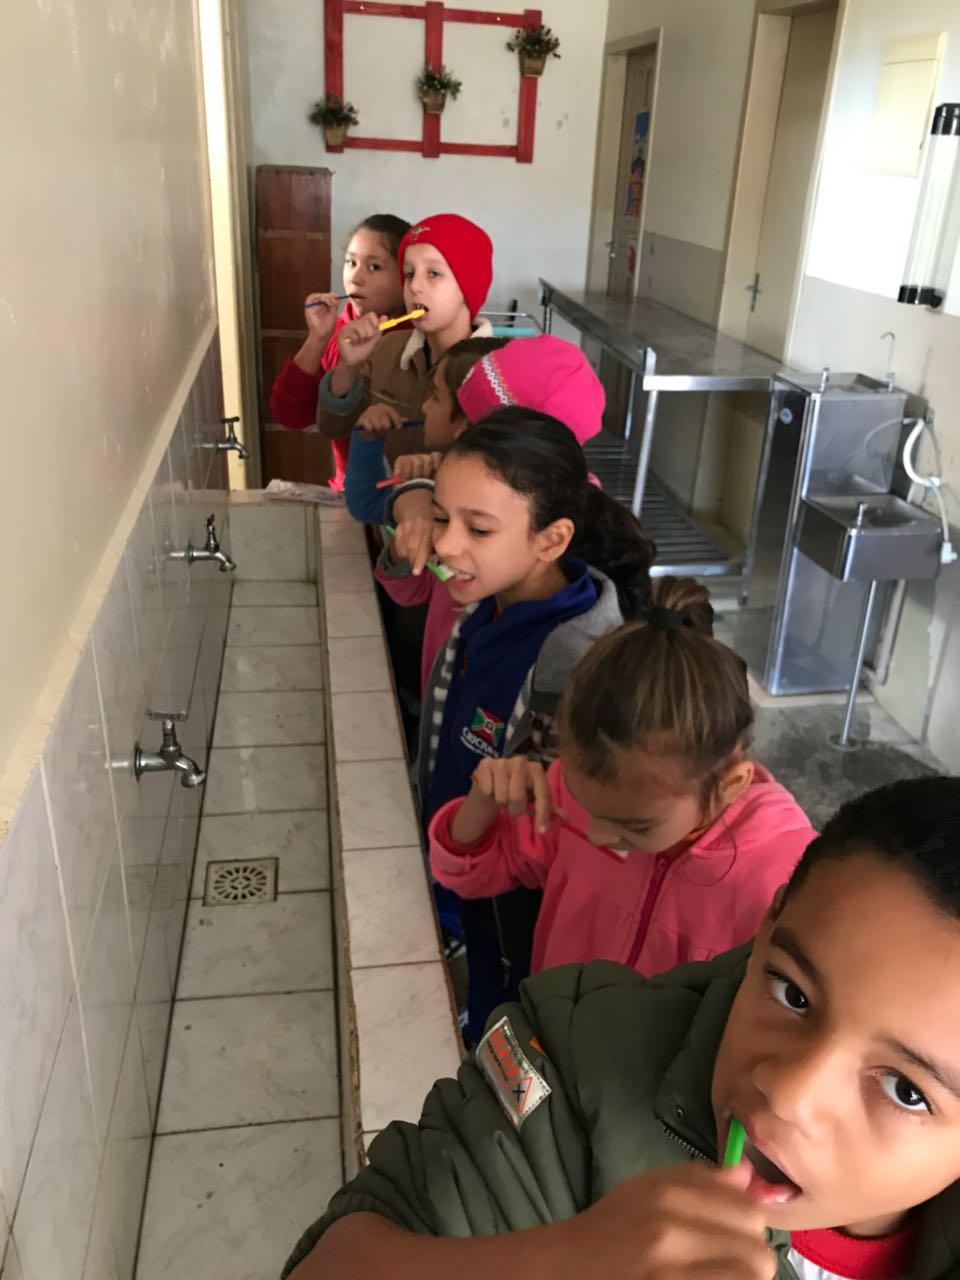 Prefeitura Municipal de Criciúma - I Semana de Saúde Bucal ocorre nas escolas municipais em Criciúma